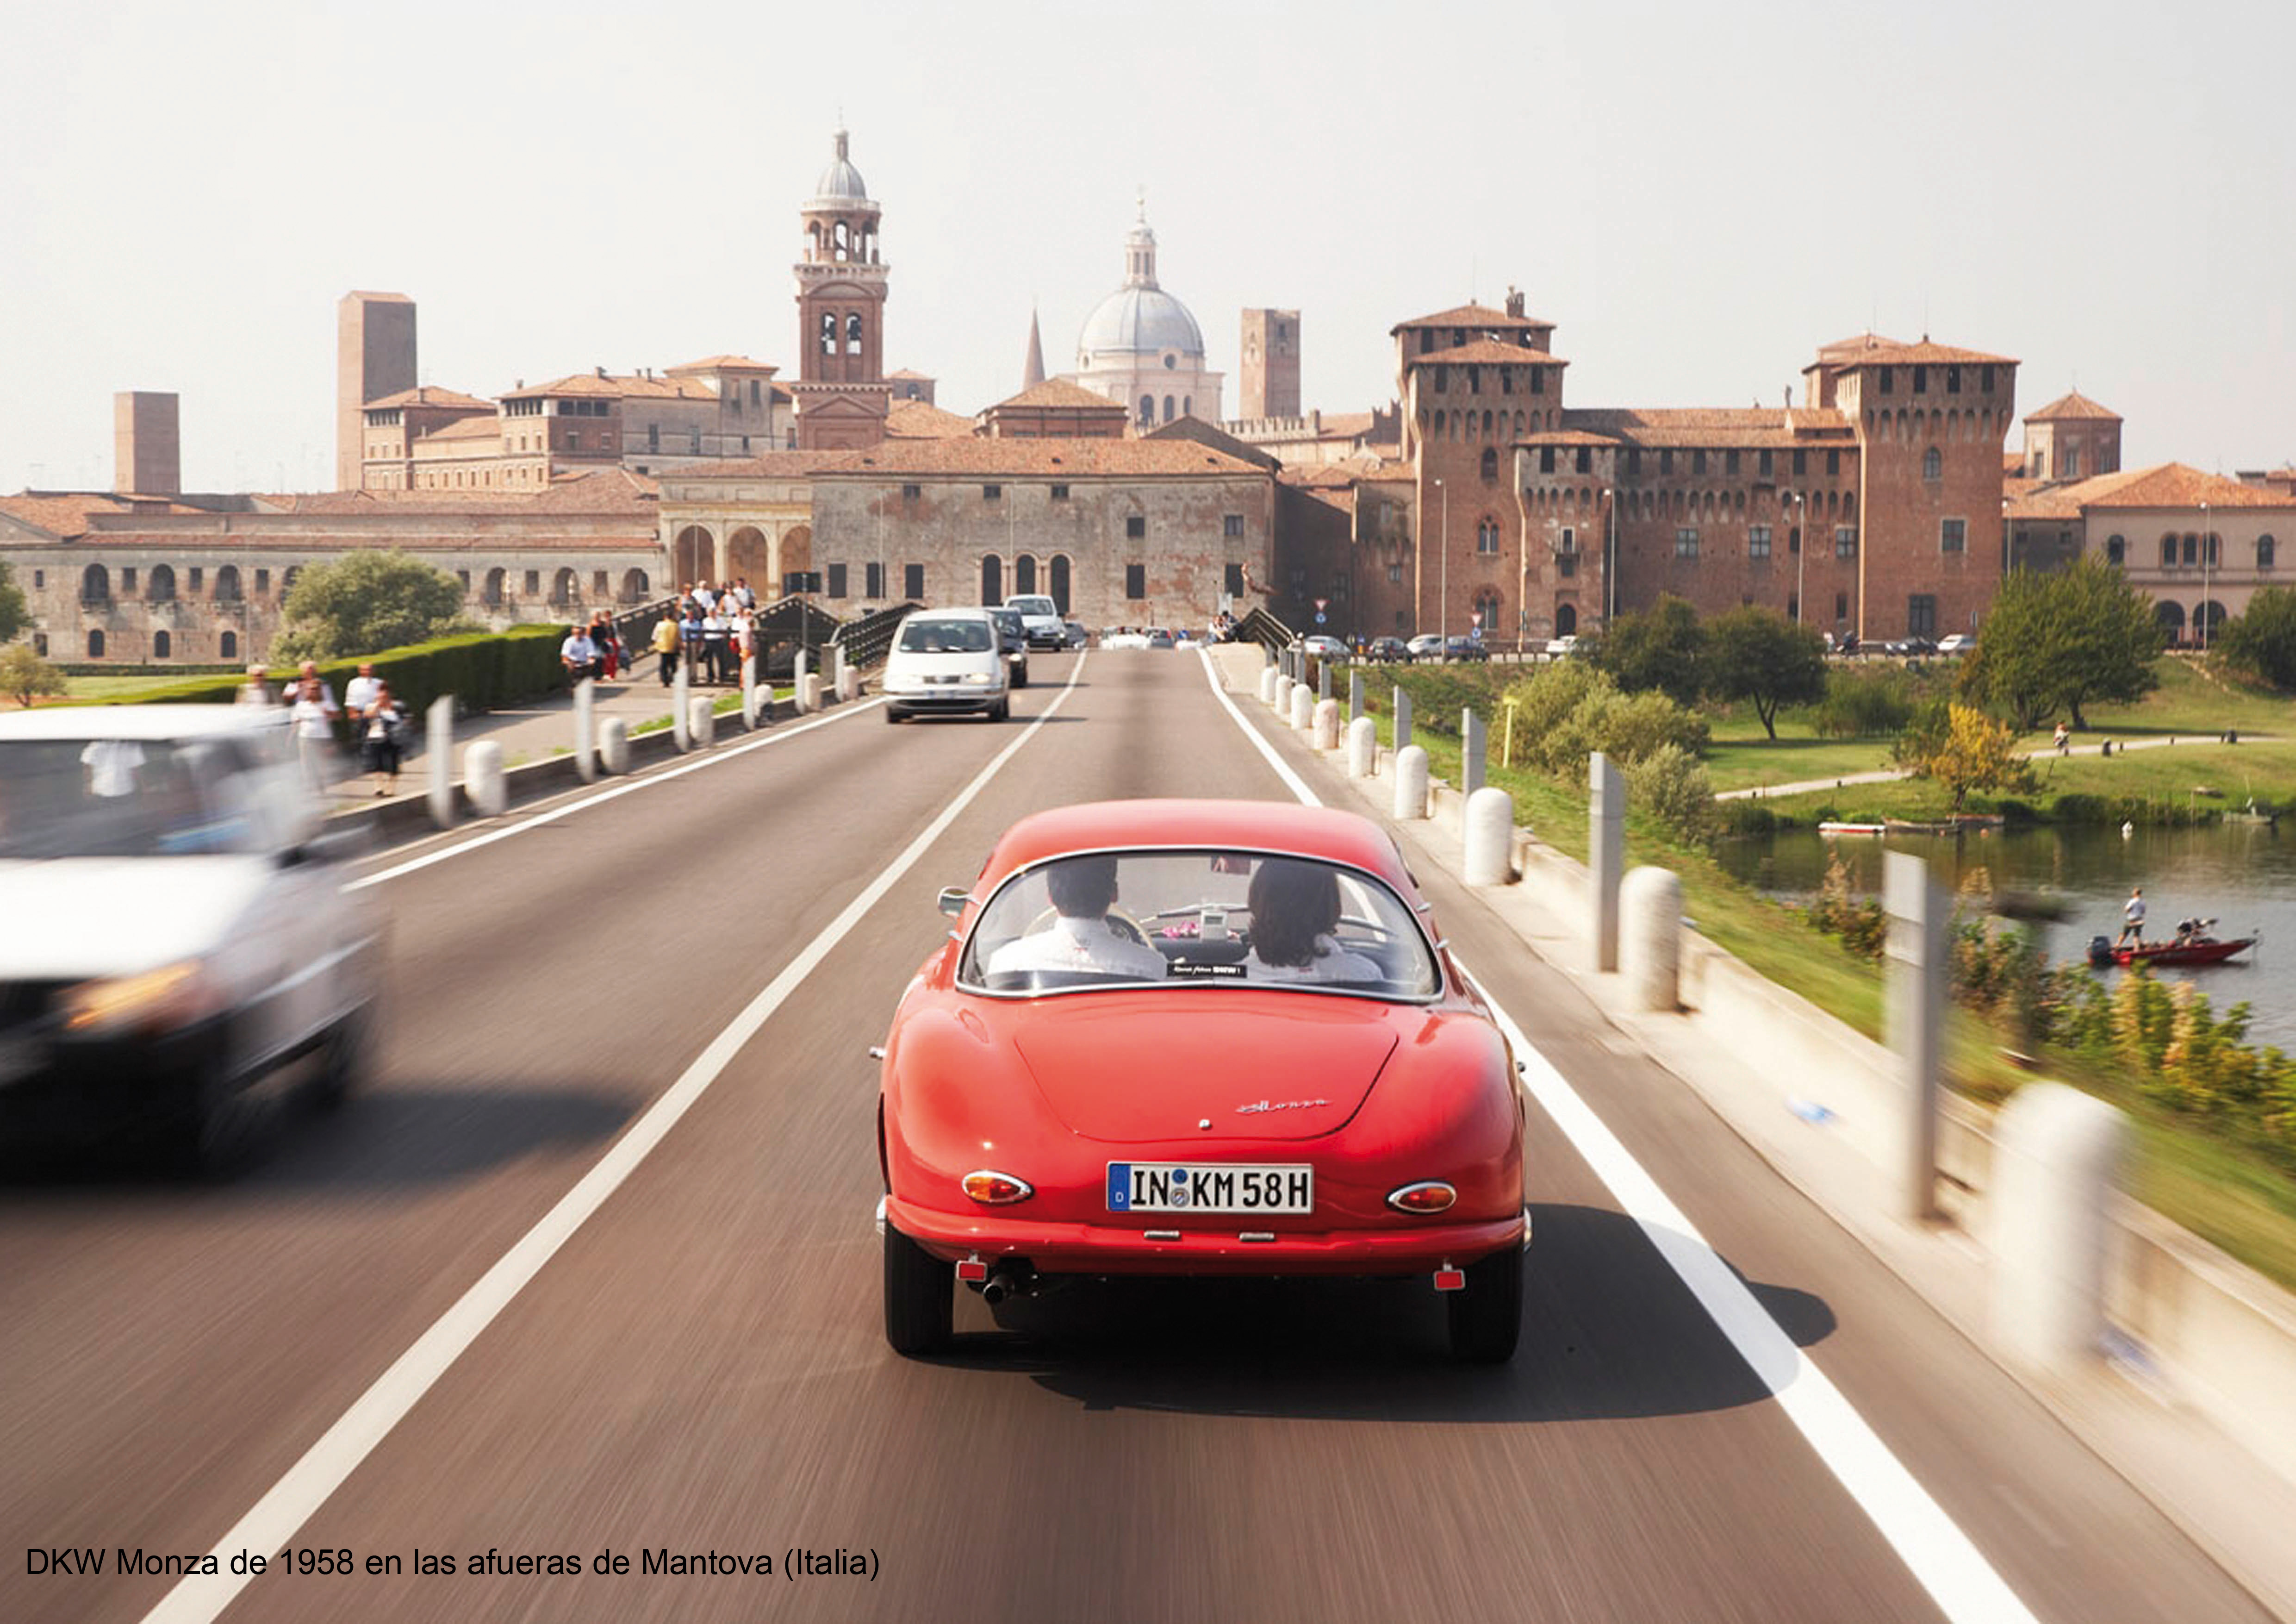 Auch in diesem Jahr mit von der Partie beim Gran Premio Nuvolari 2008:/DKW Monza, Baujahr 1958, bei der Anfahrt auf Mantua in Italien